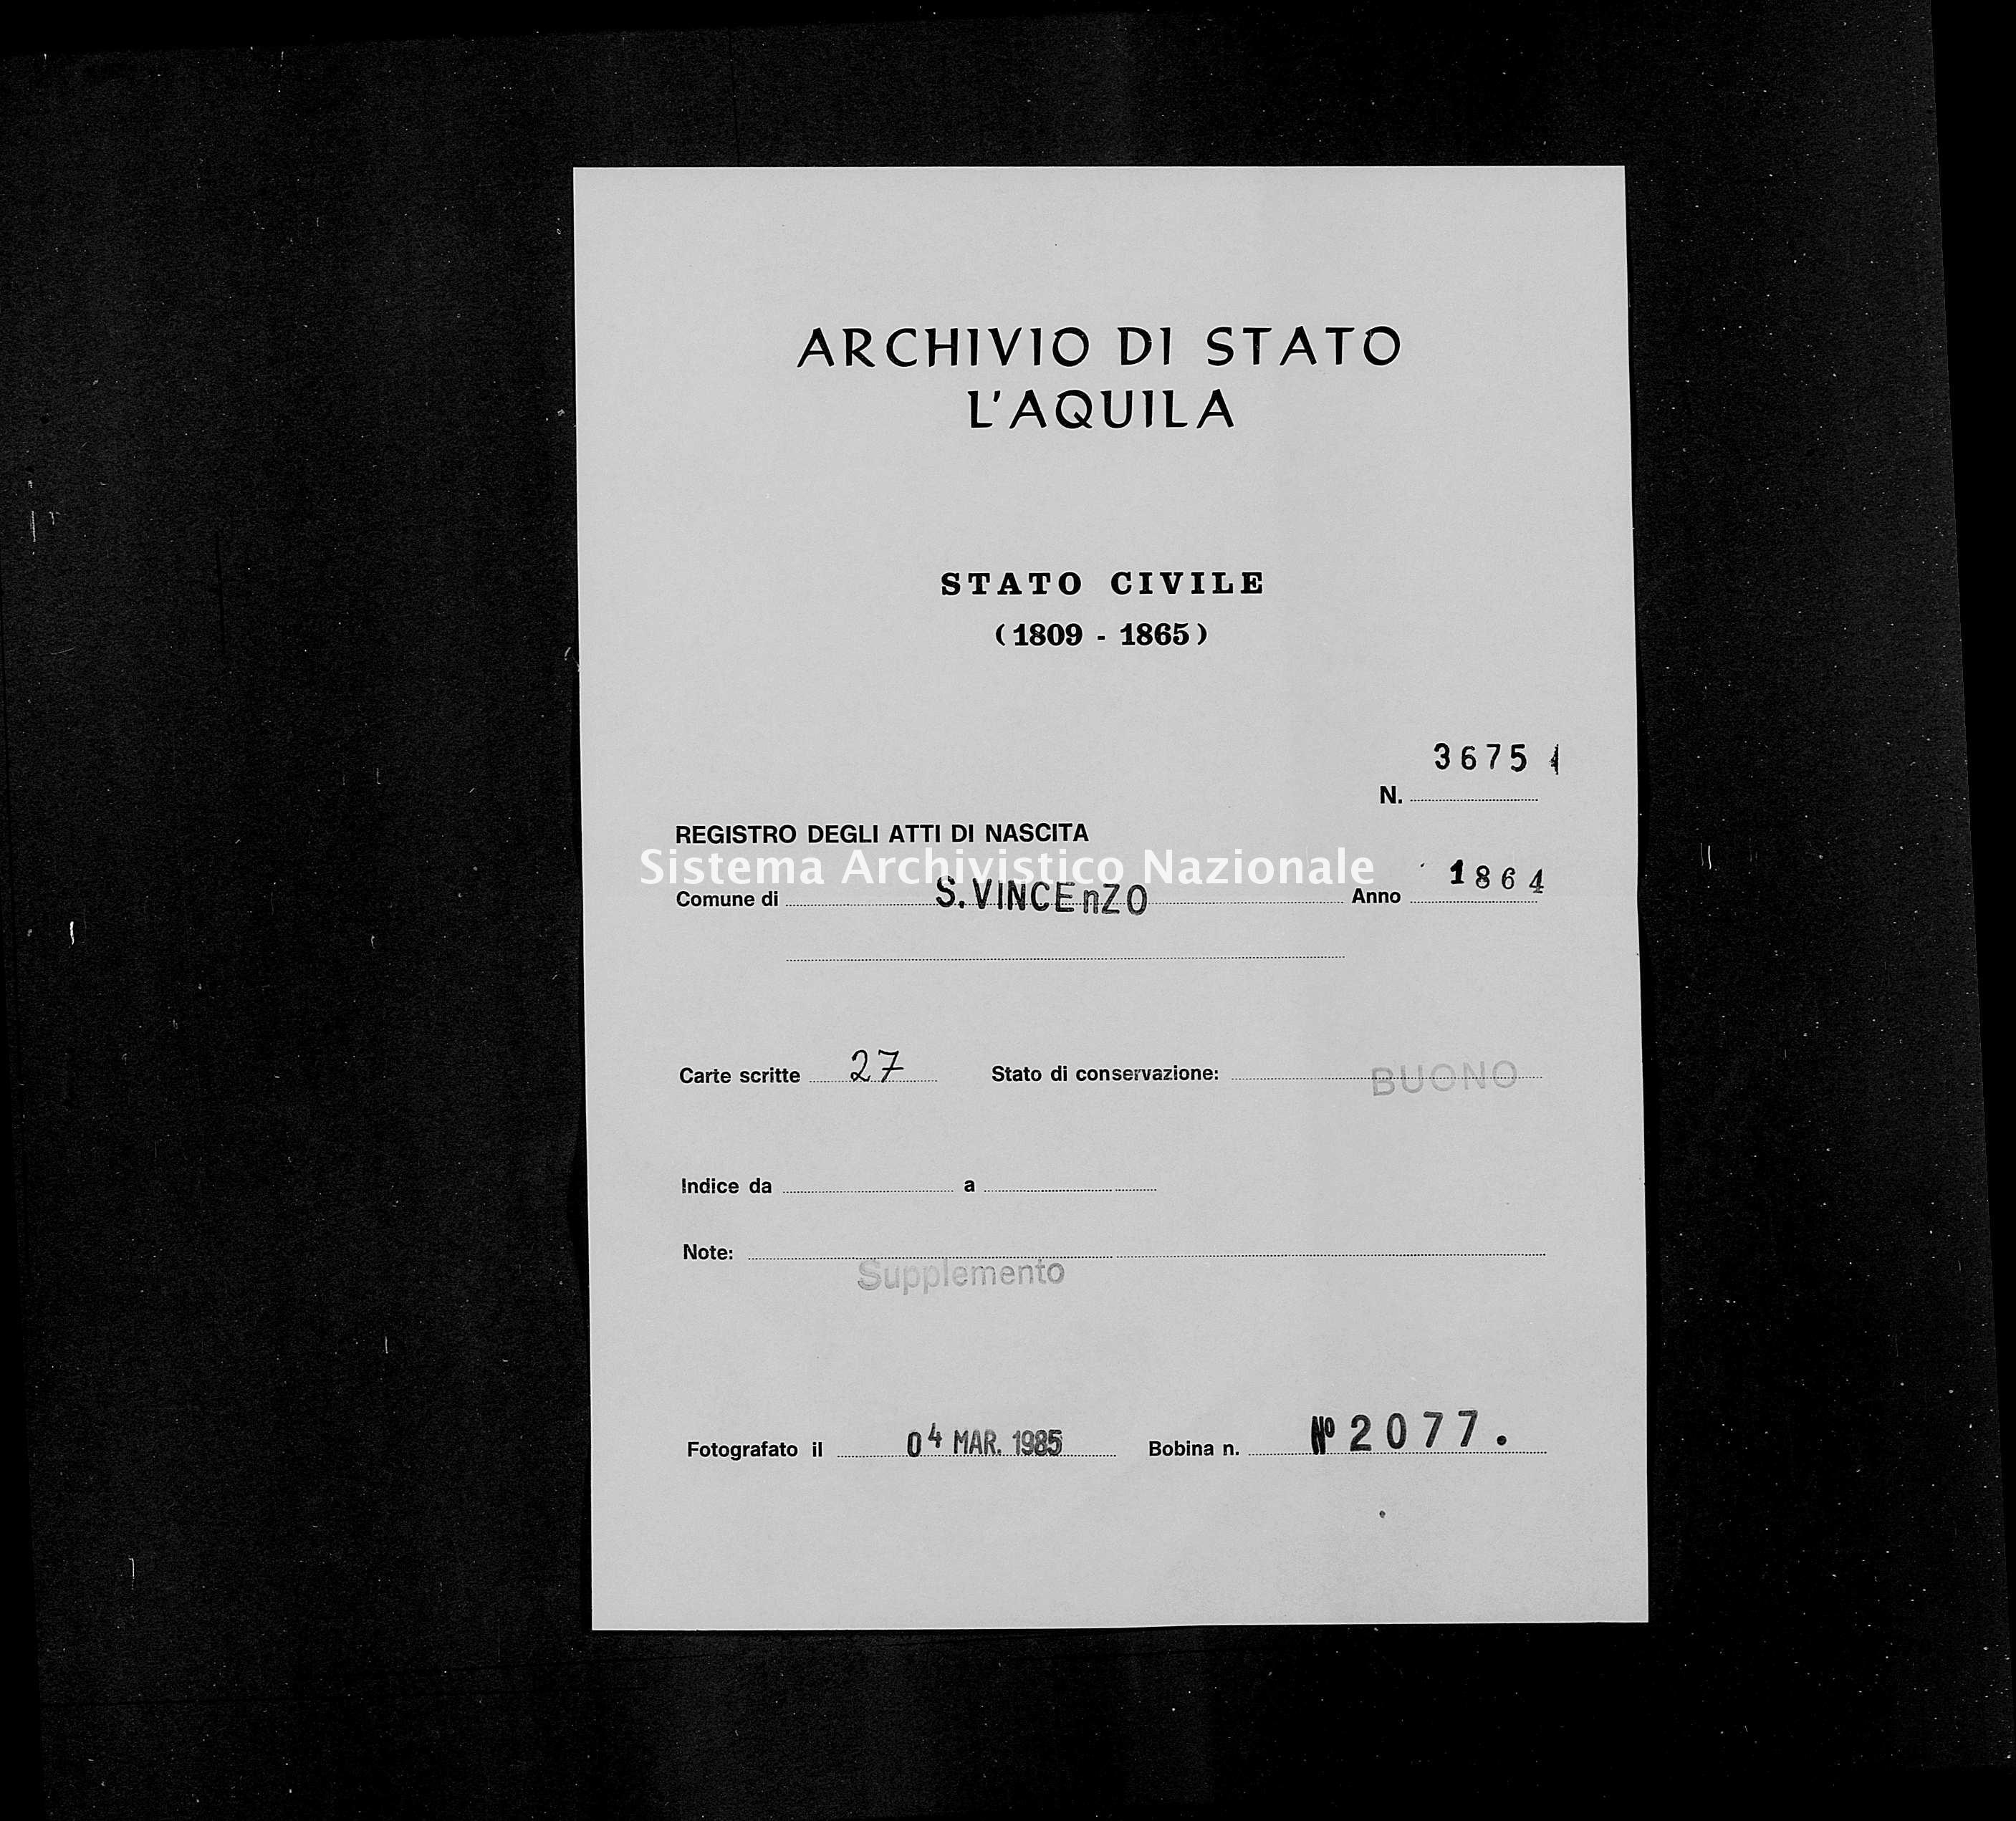 Archivio di stato di L'aquila - Stato civile italiano - San Vincenzo Valle Roveto - Nati, battesimi - 1864 - 3675 -